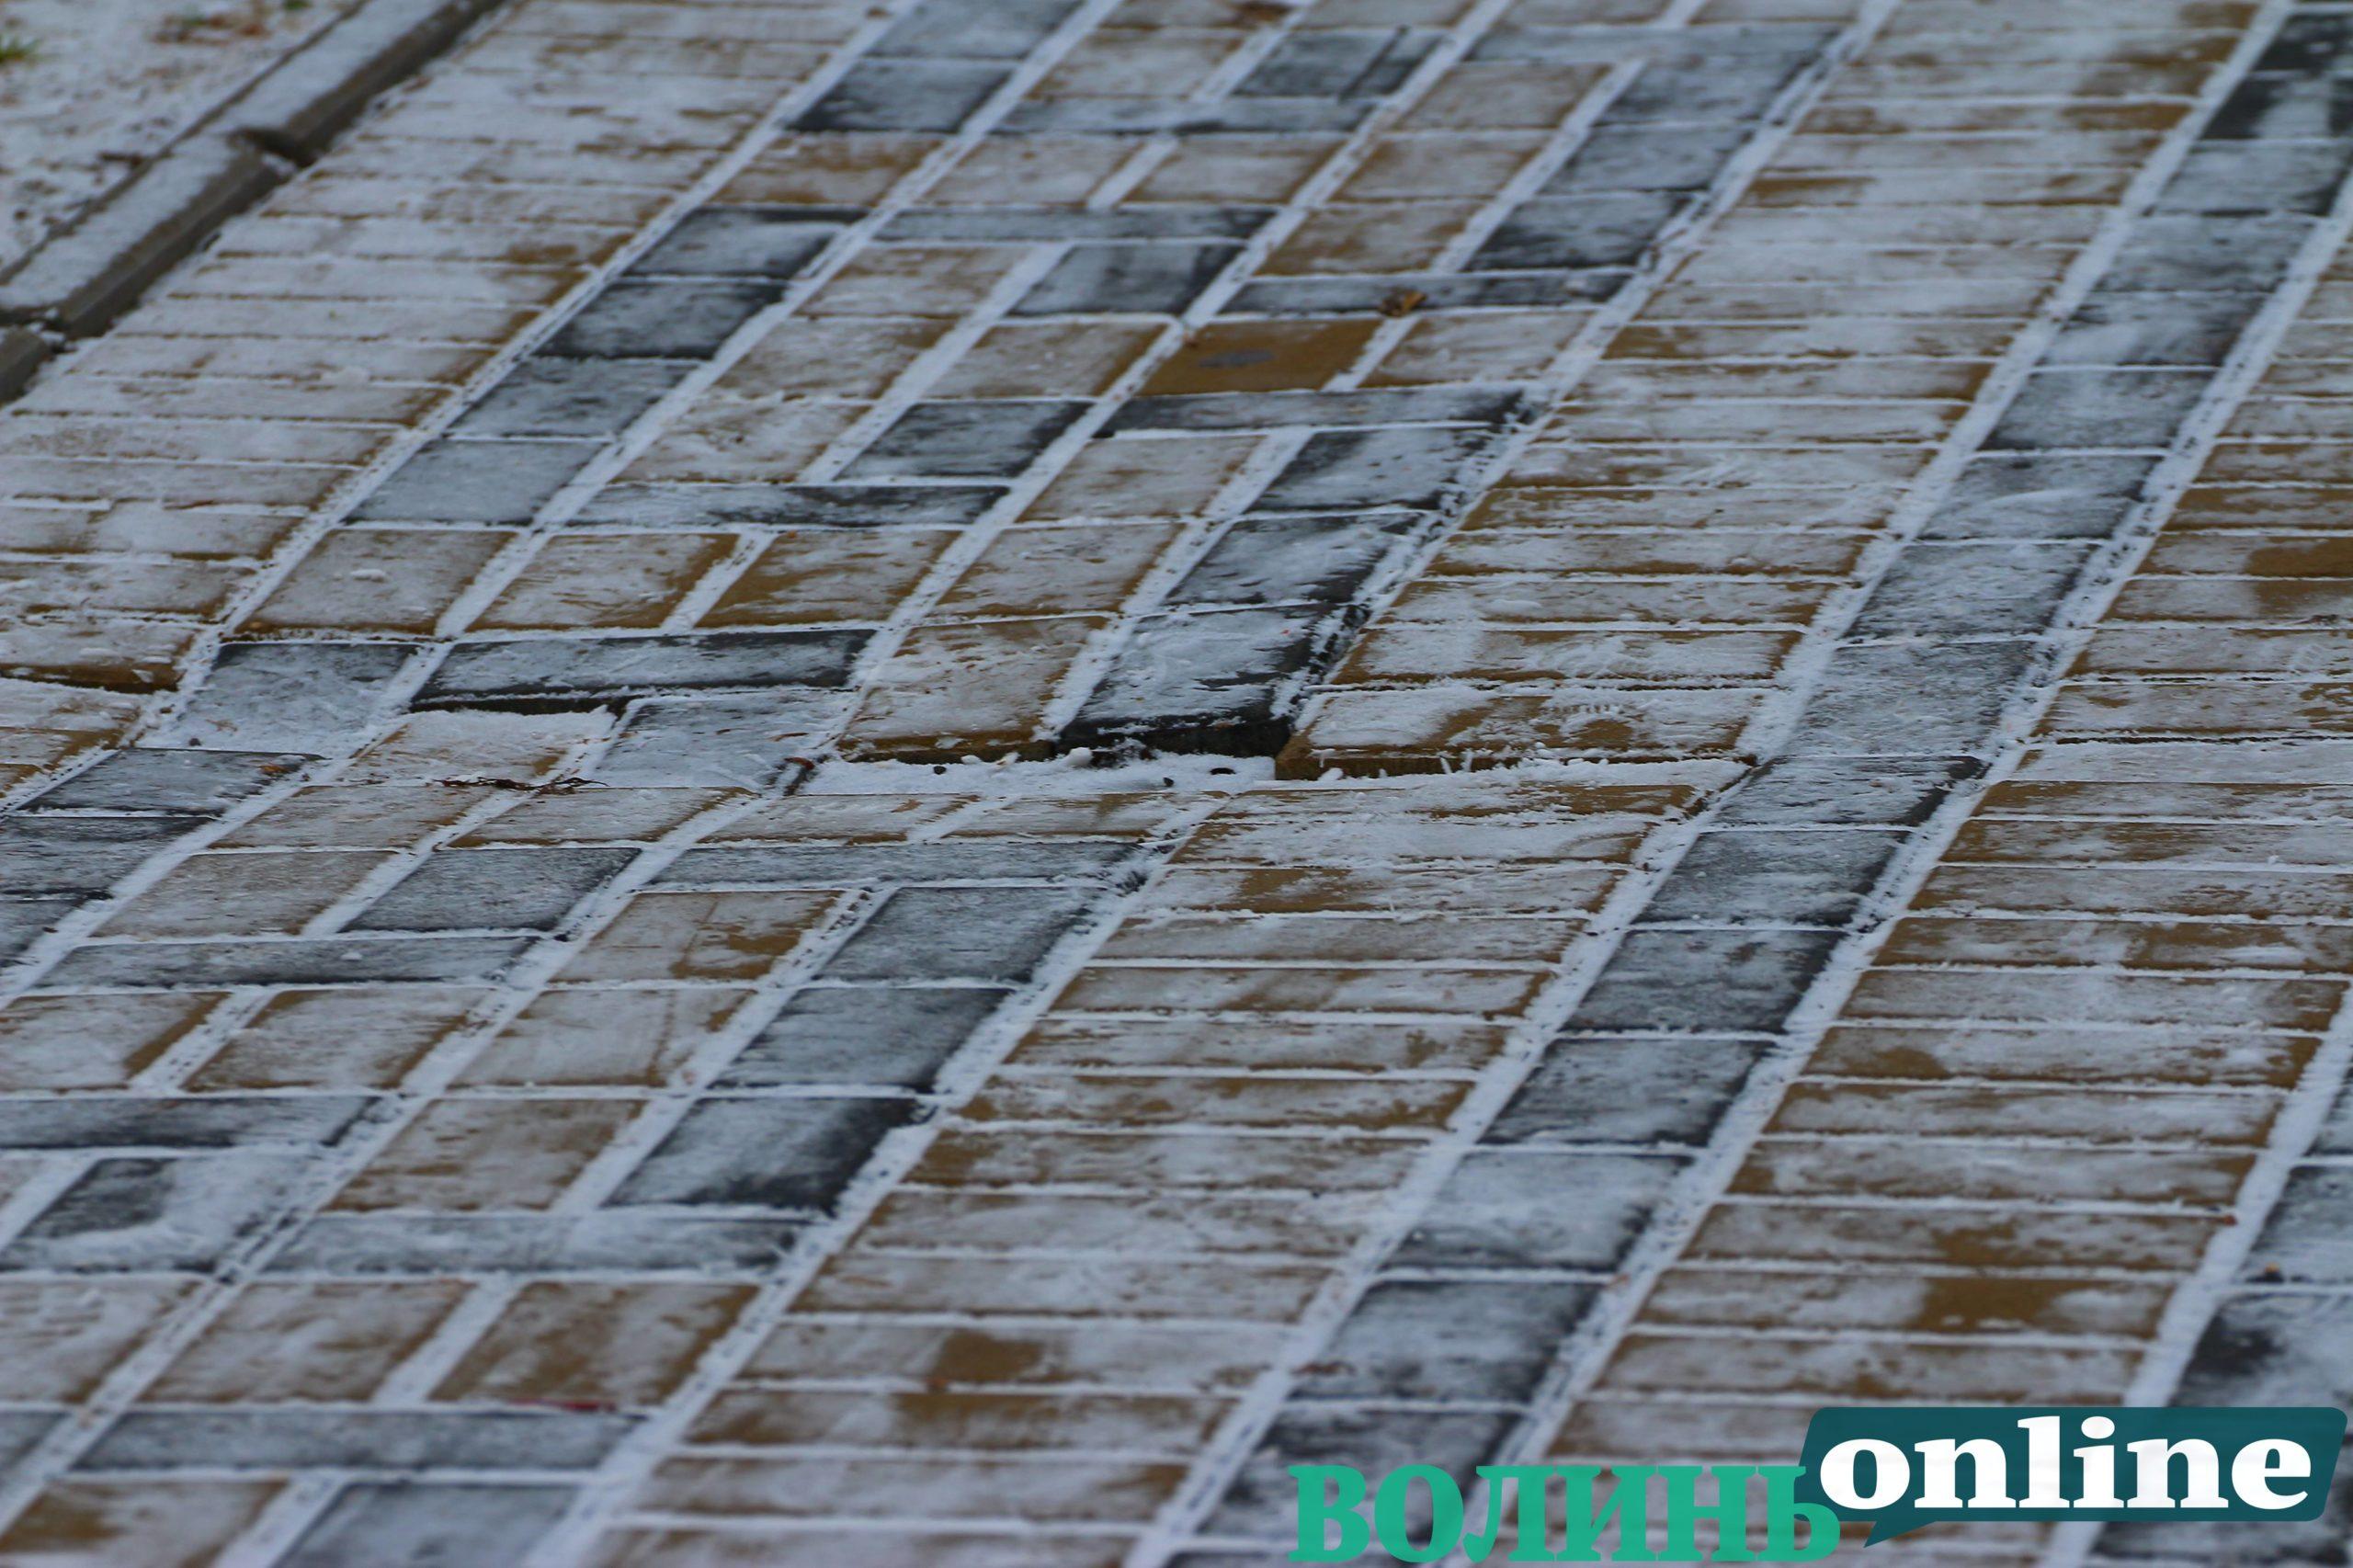 У Луцьку в парку почала руйнуватися нещодавно покладена доріжка. ФОТО